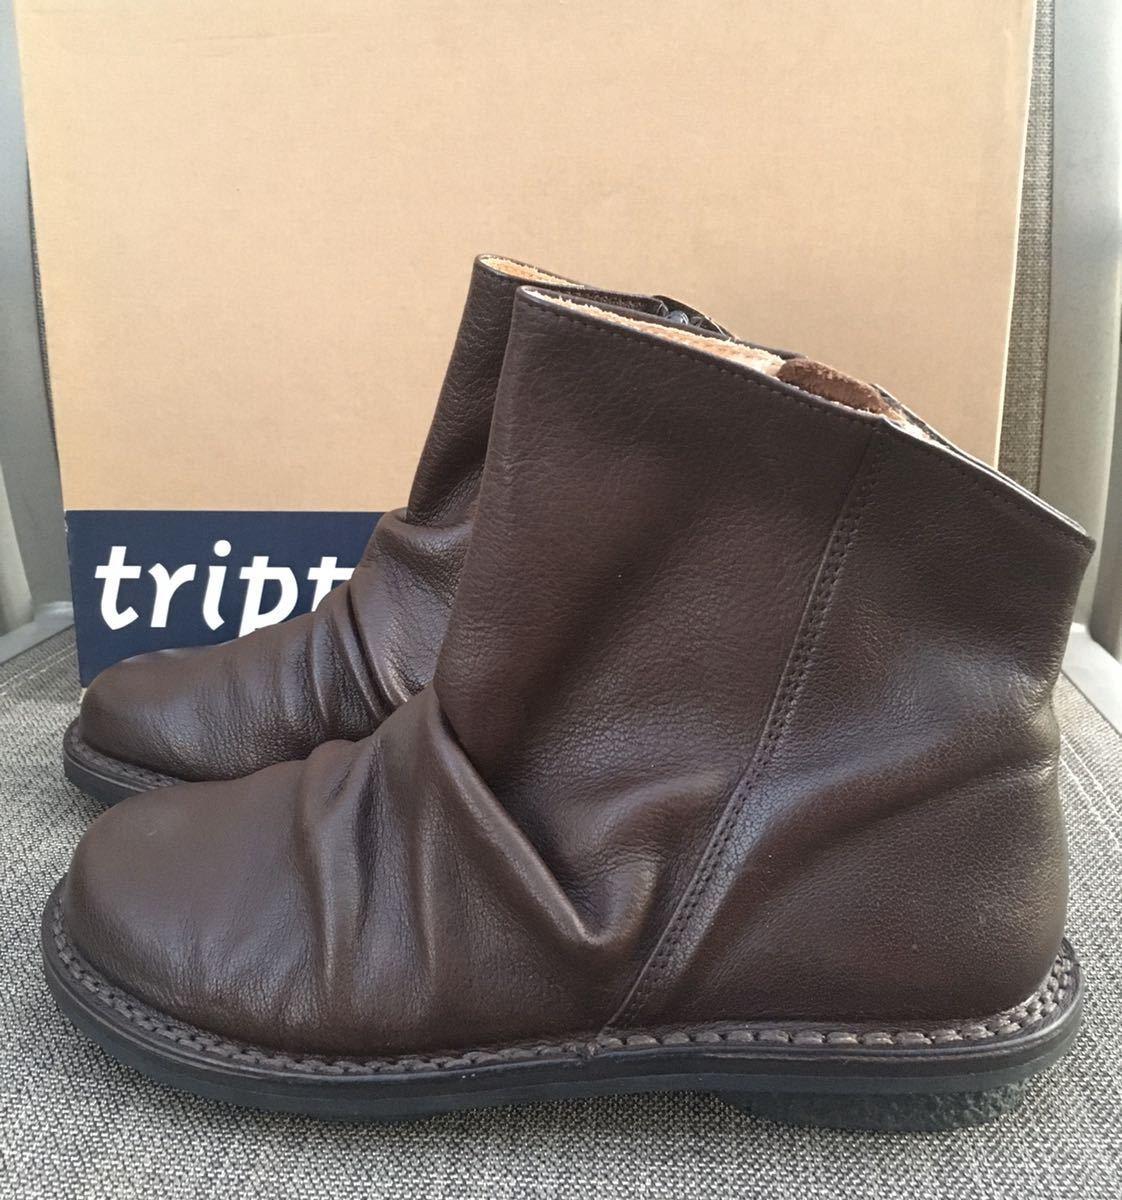 即決 新品 trippen トリッペン 人気ブーツ PLEATS プリーツ 38 24 24.5cm 箱付 ダークブラウン_画像4